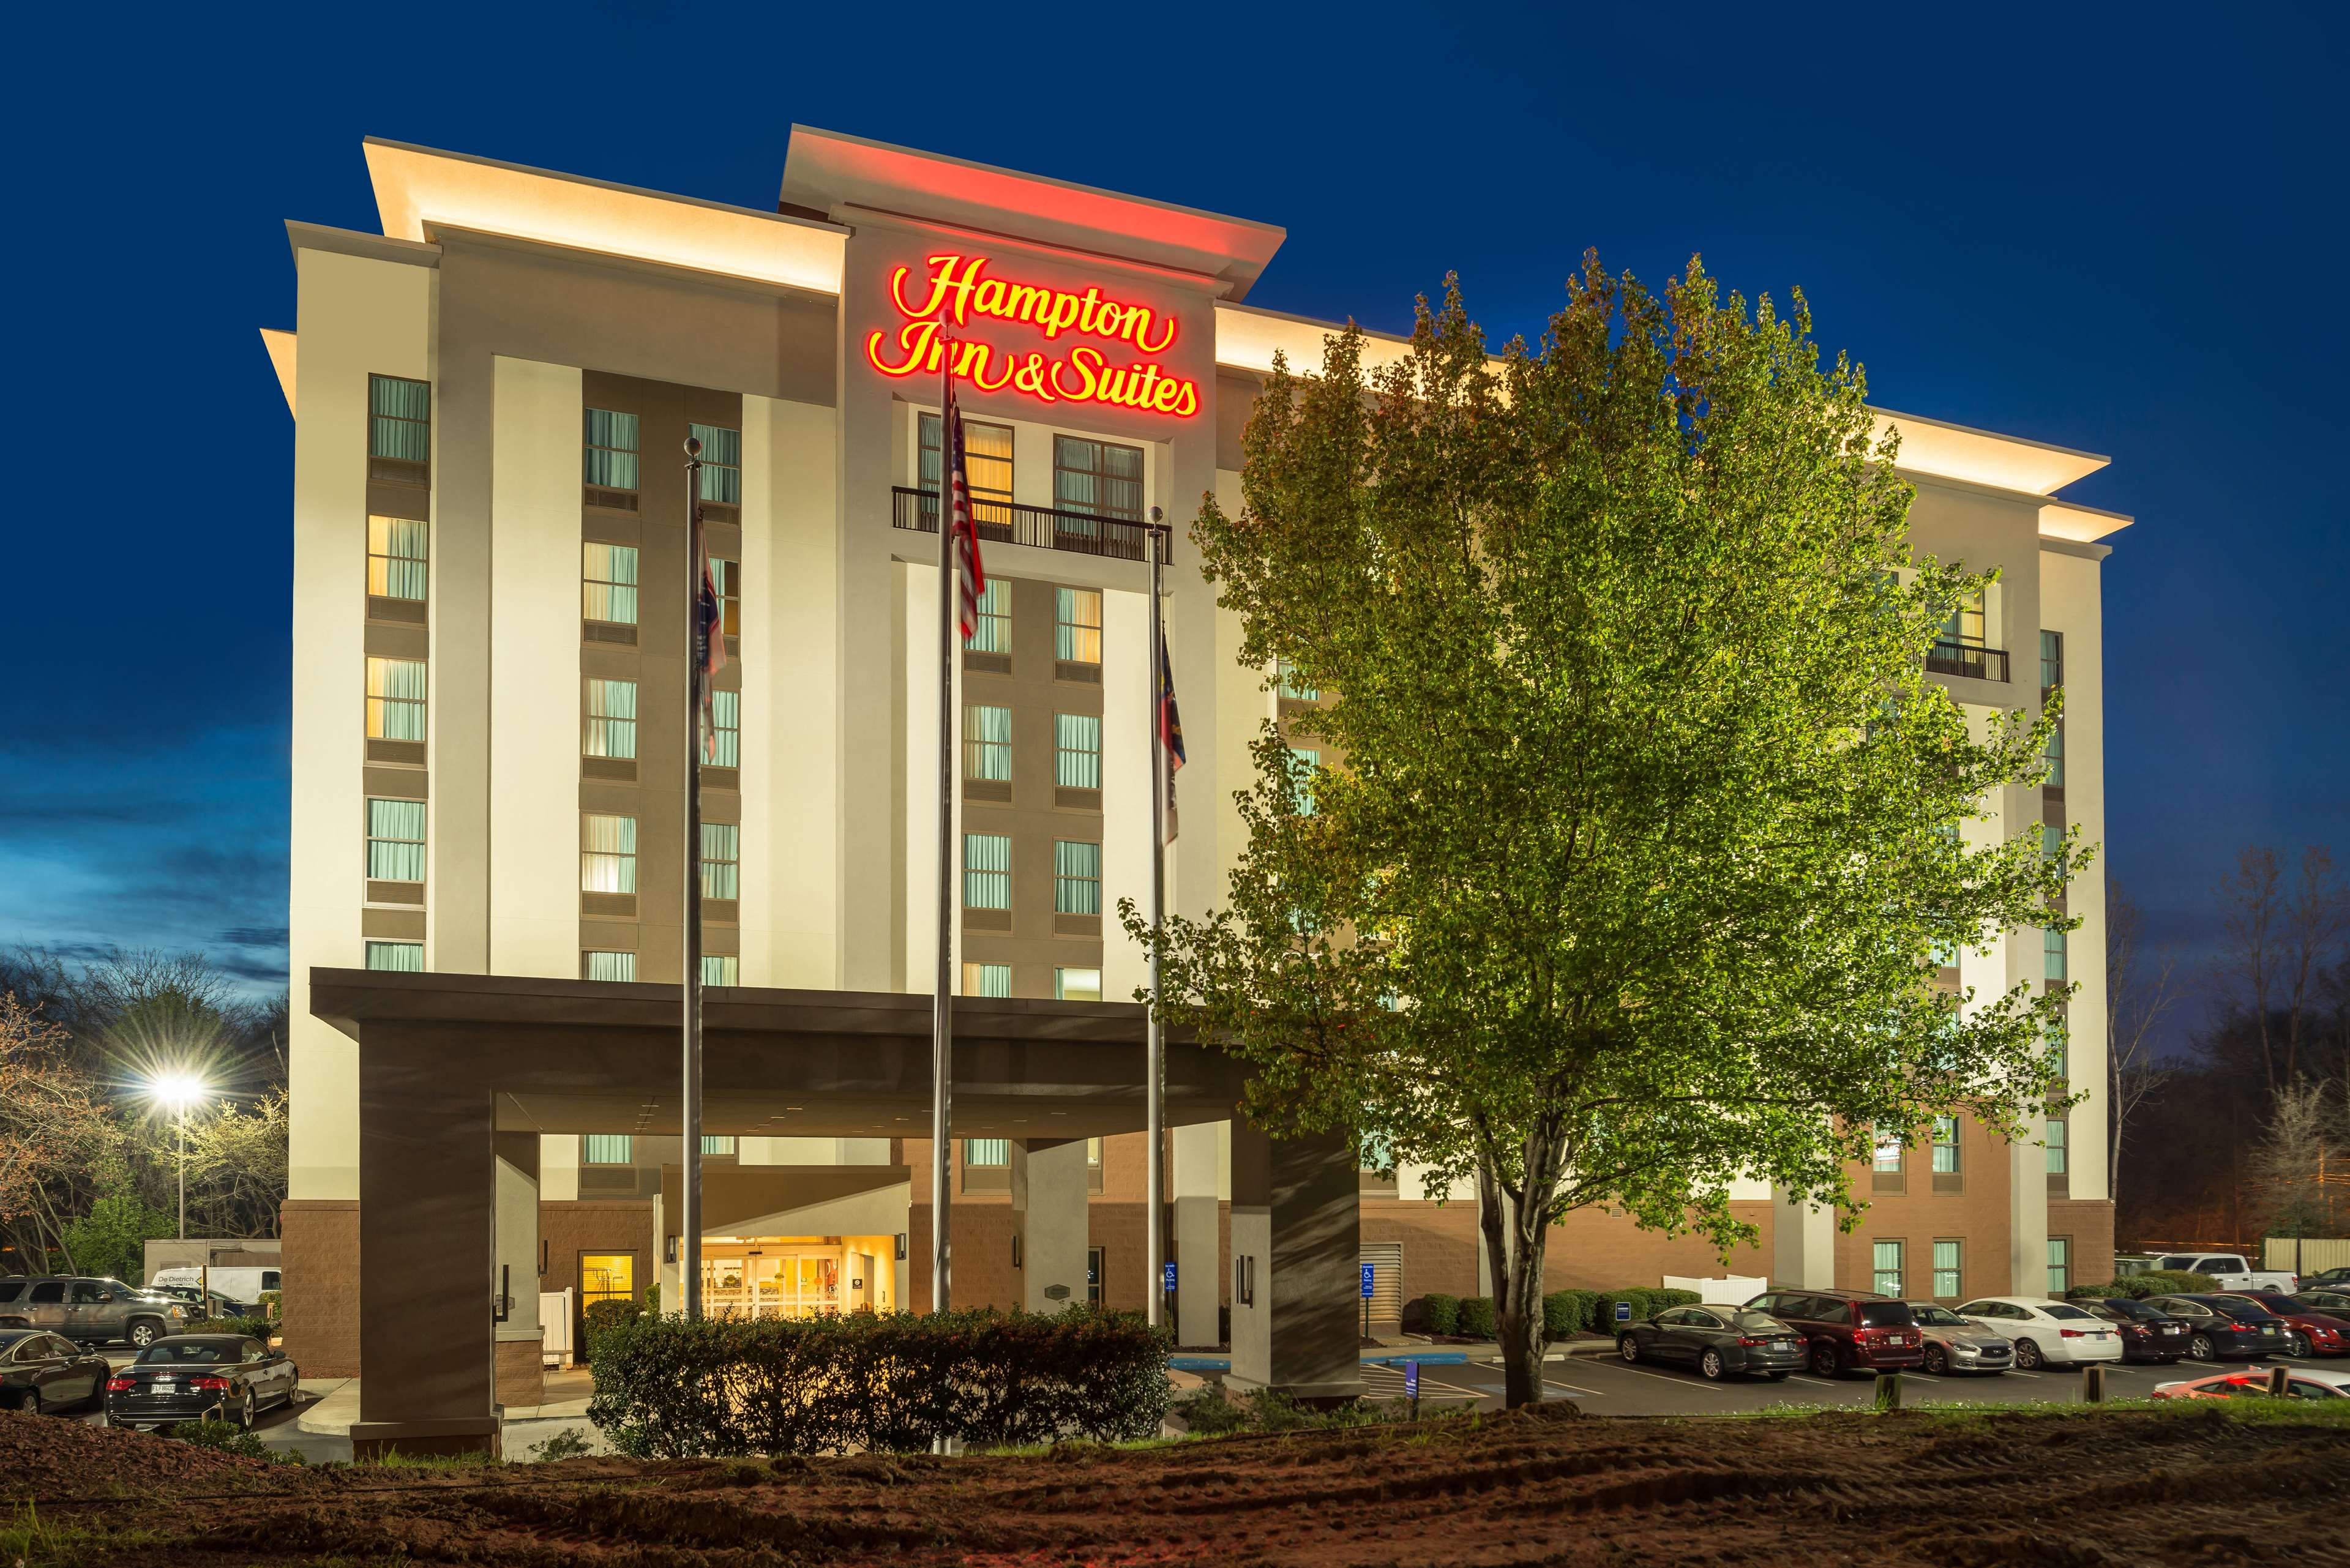 Hampton Inn & Suites Charlotte-Arrowood Rd. image 2